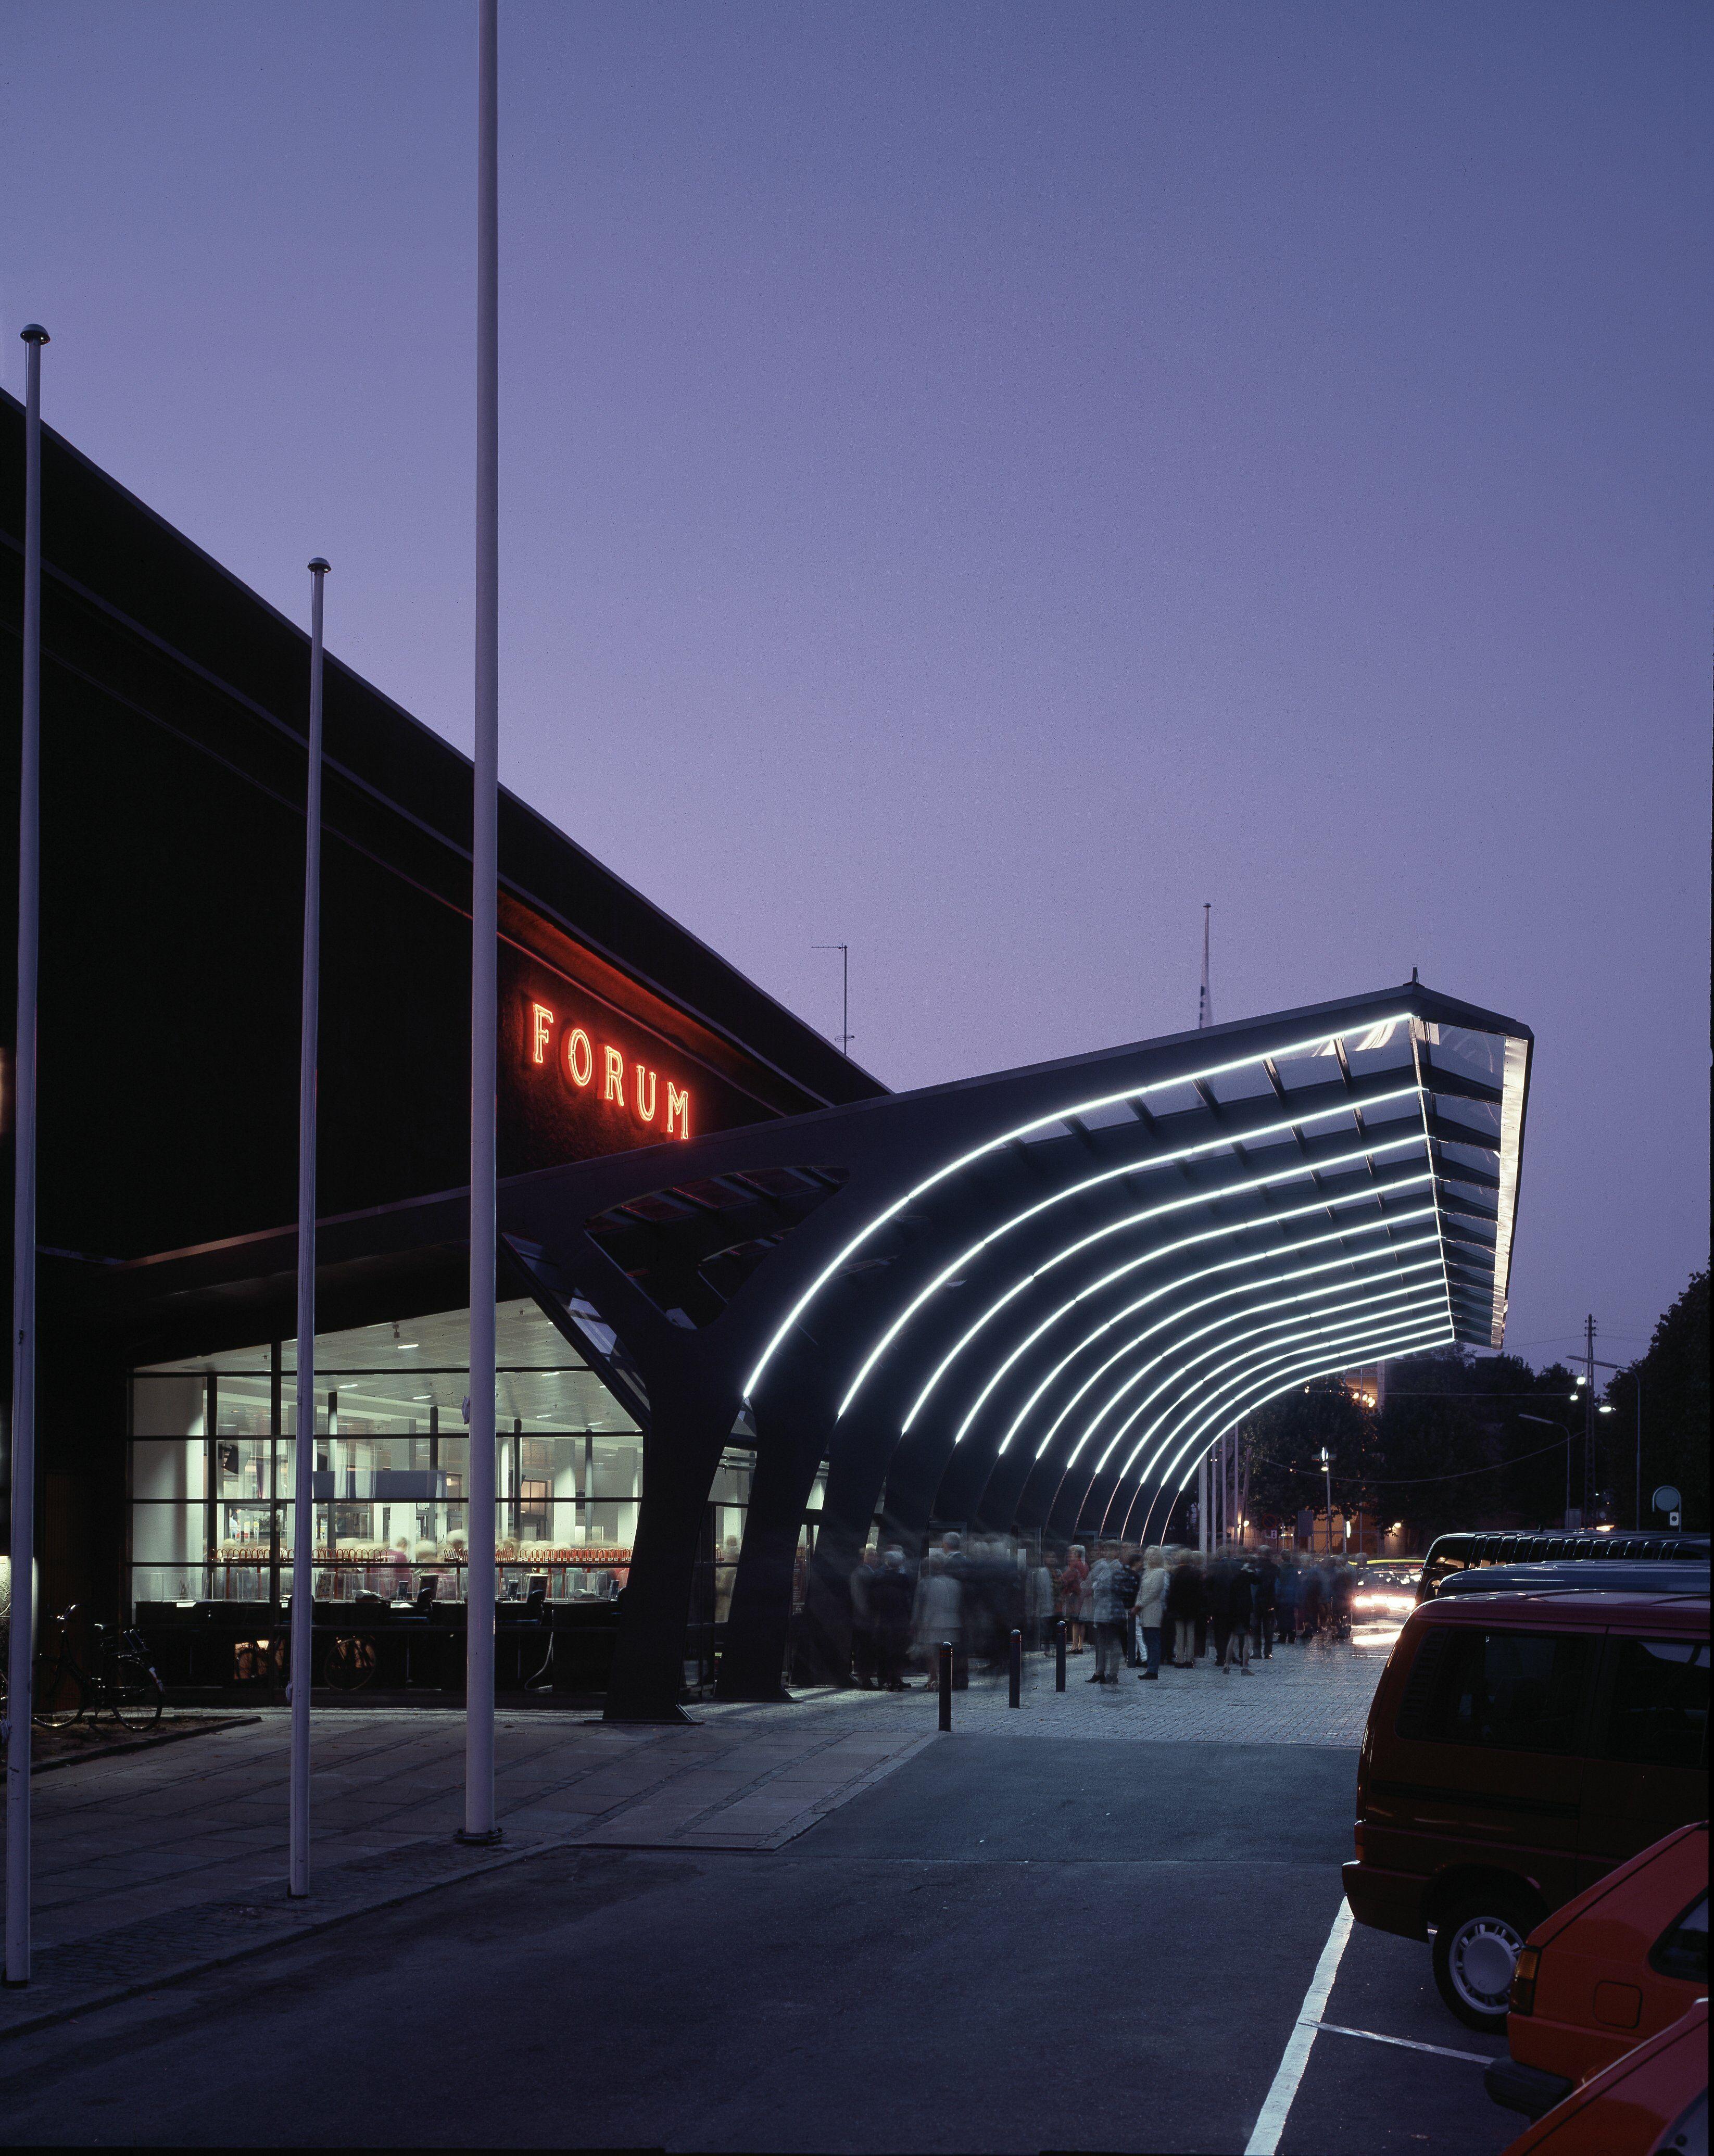 Forum København bliver opfrisket og vil fremstå mere moderne efter sommerferien, hvor centret skal til at tiltrække flere arrangementer indenfor en bred palet. Arkivfoto.